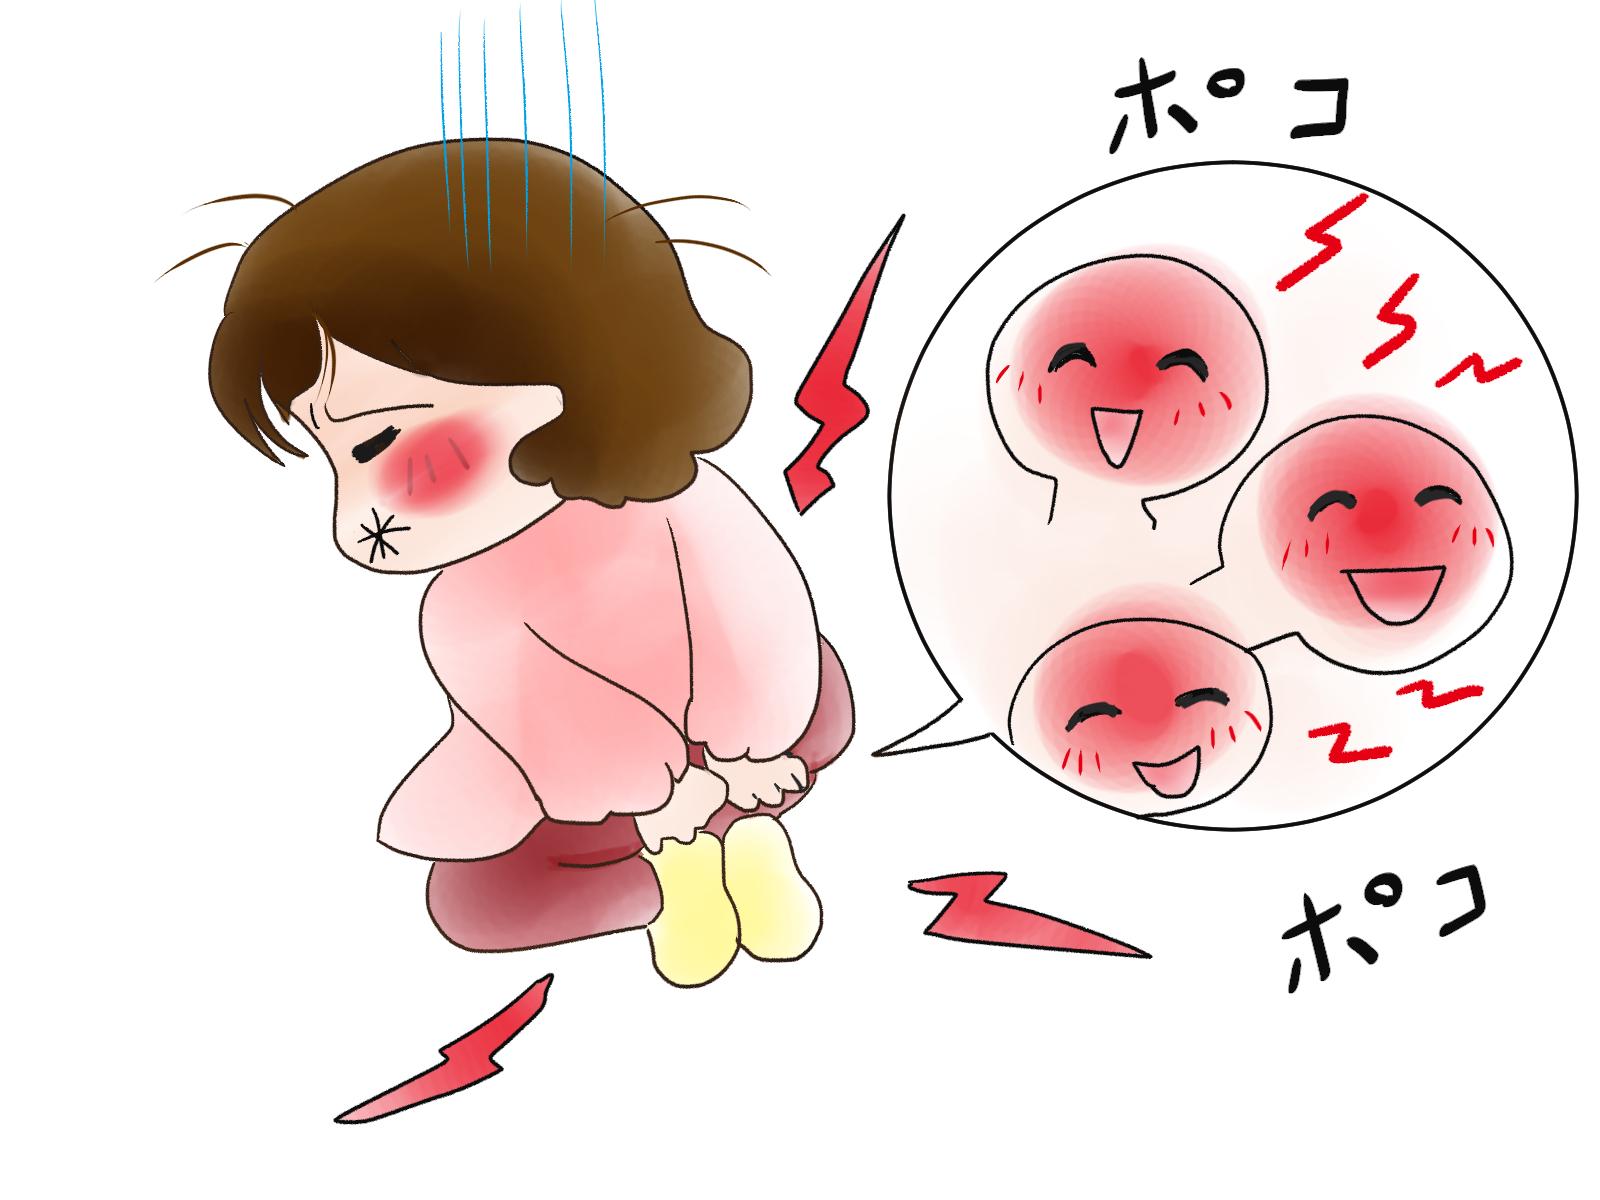 痛風発作とは